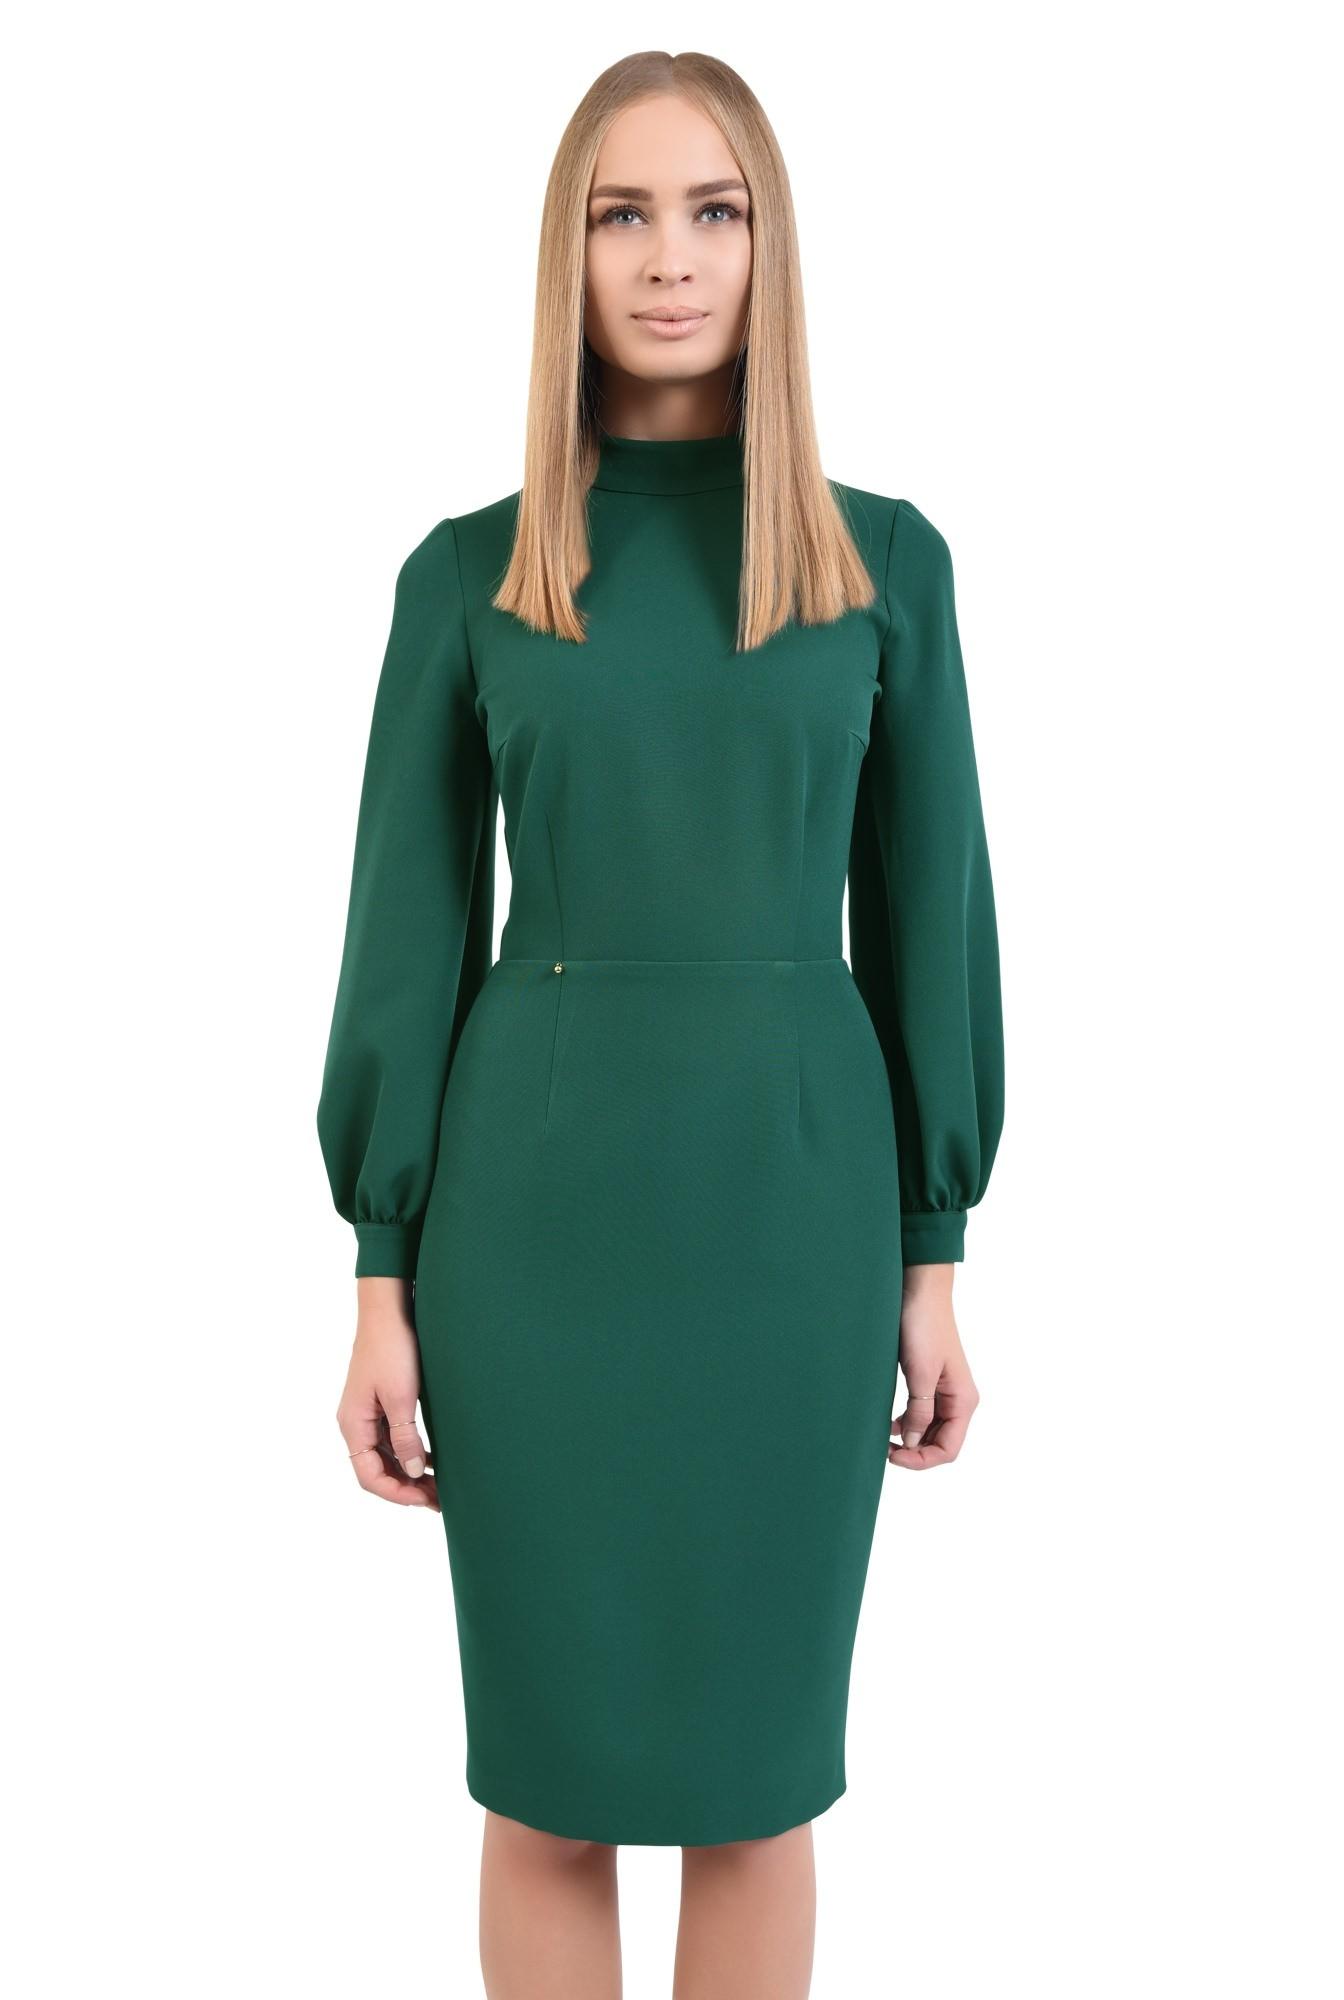 0 - rochie verde, de zi, croi conic, cusatura in talie, guler inalt